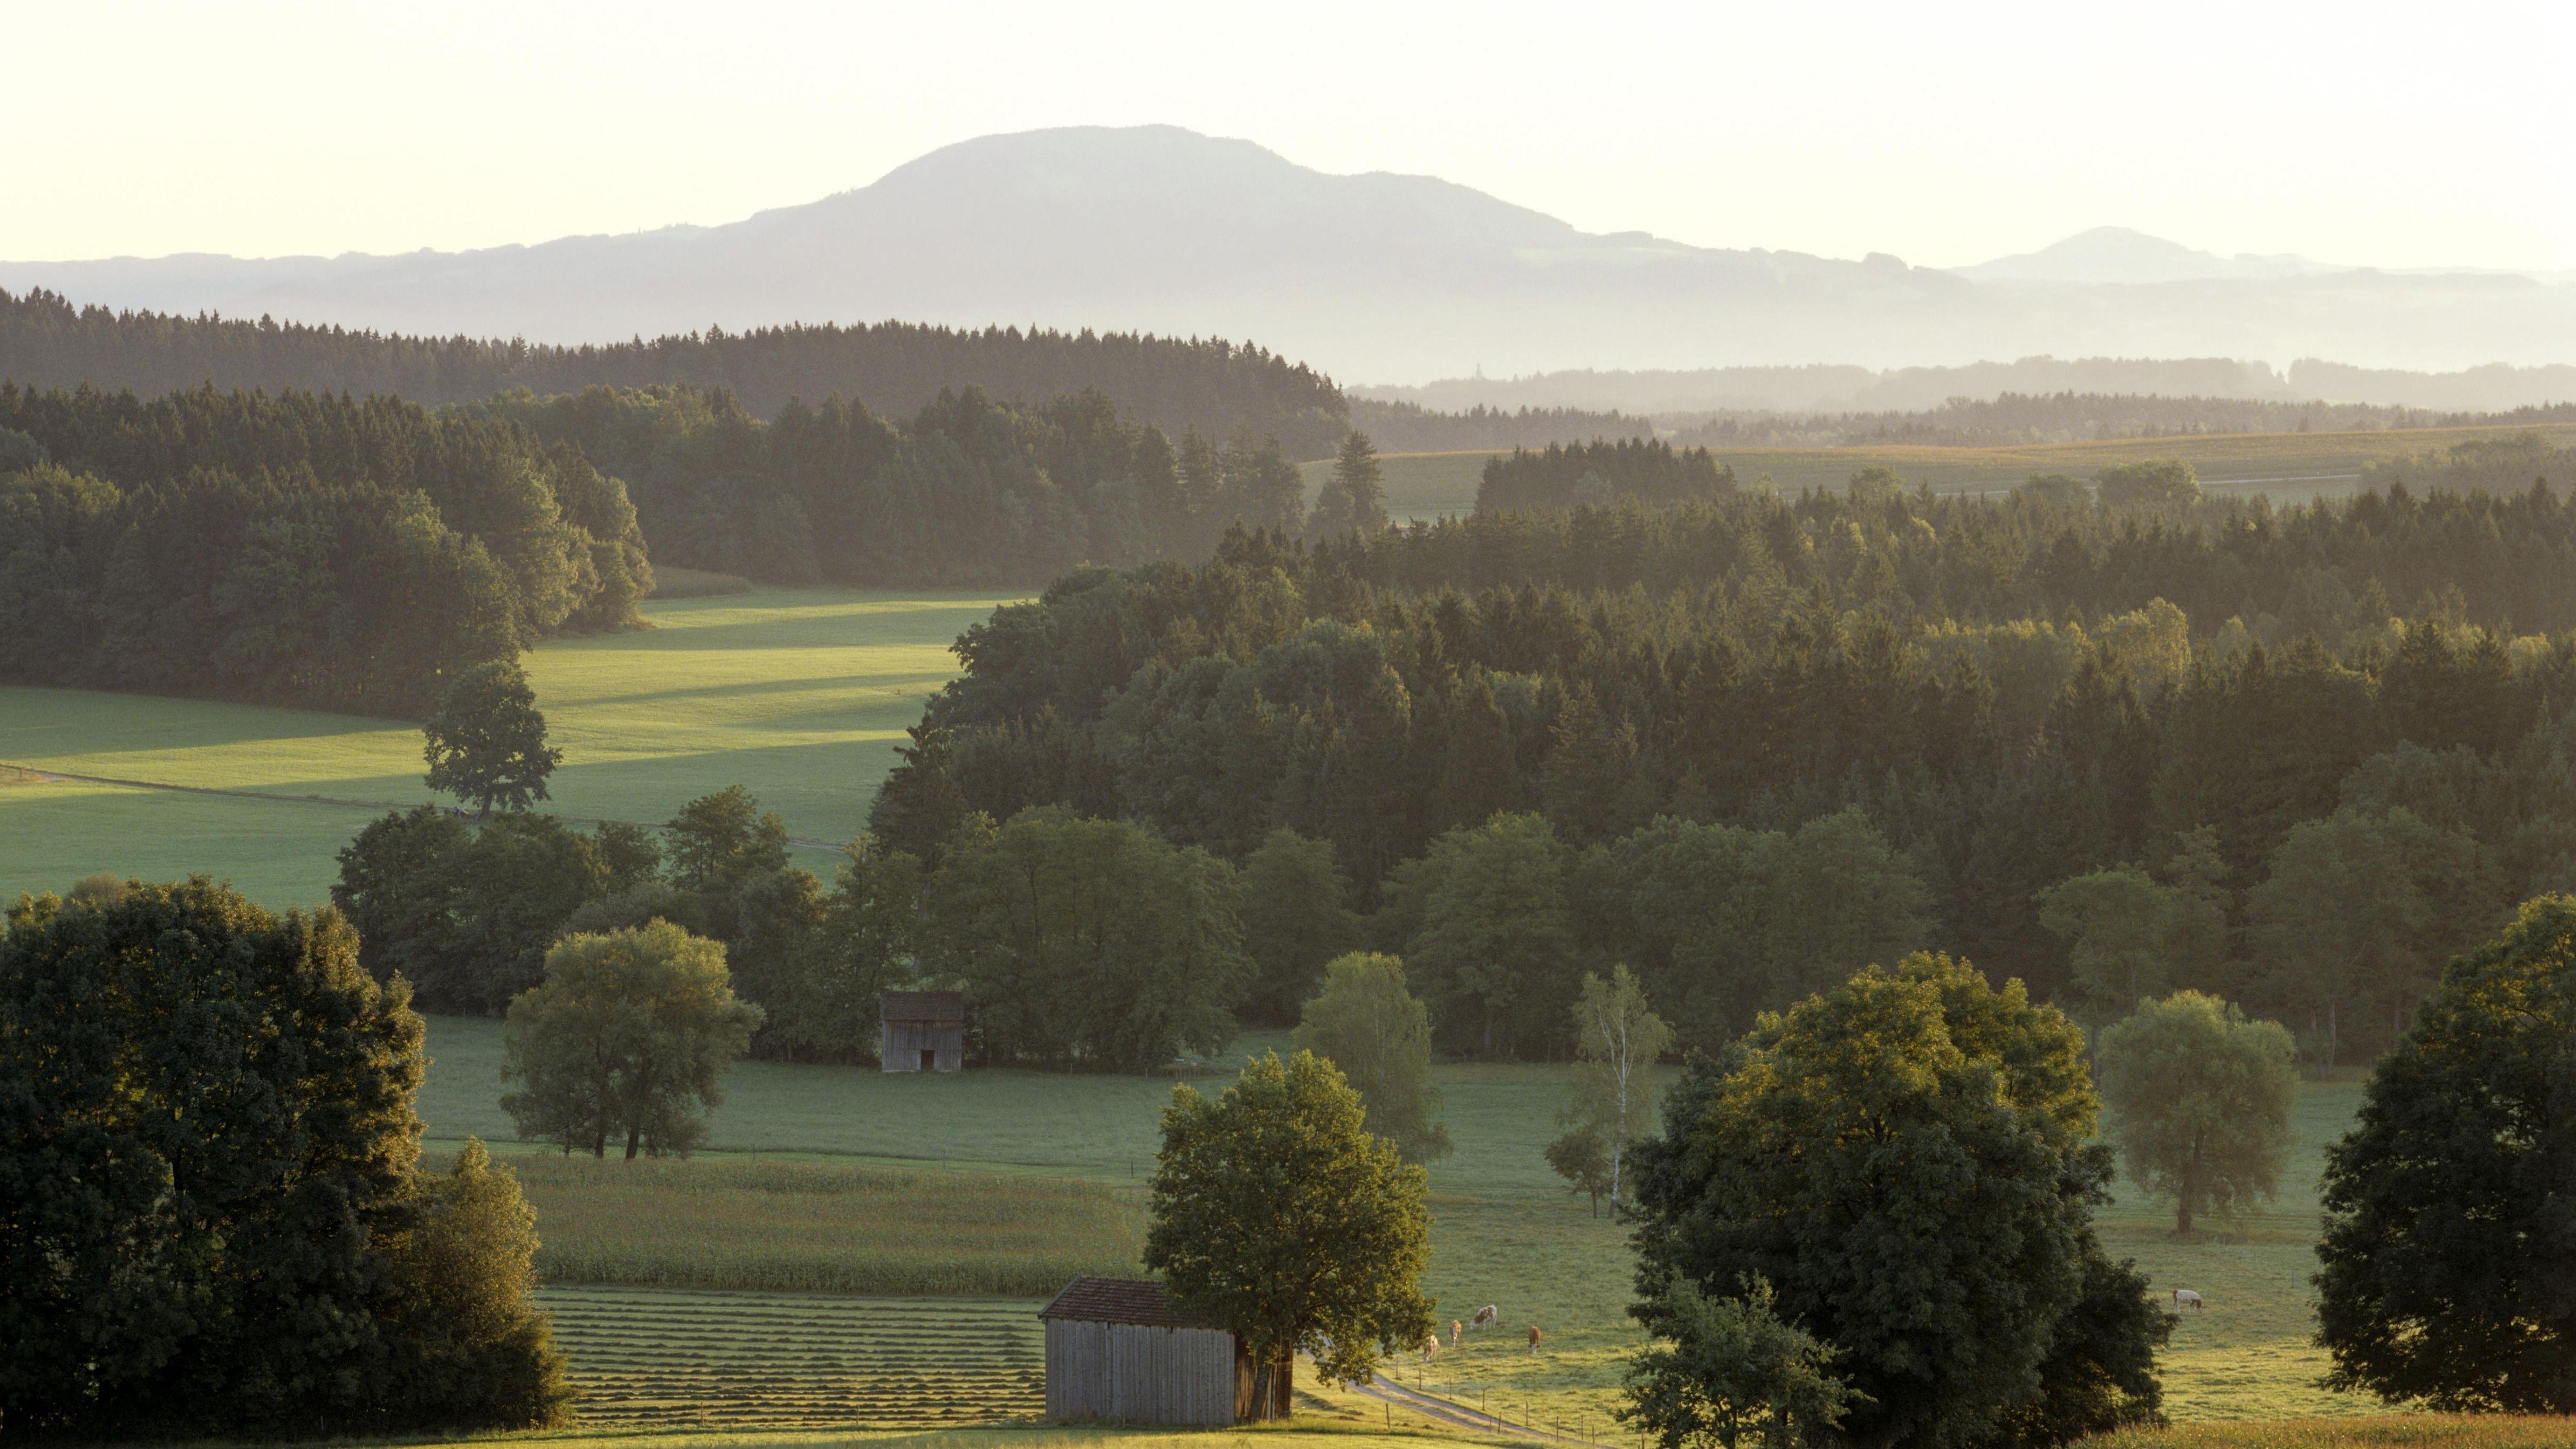 Haarmoos, Berchtesgadener Land